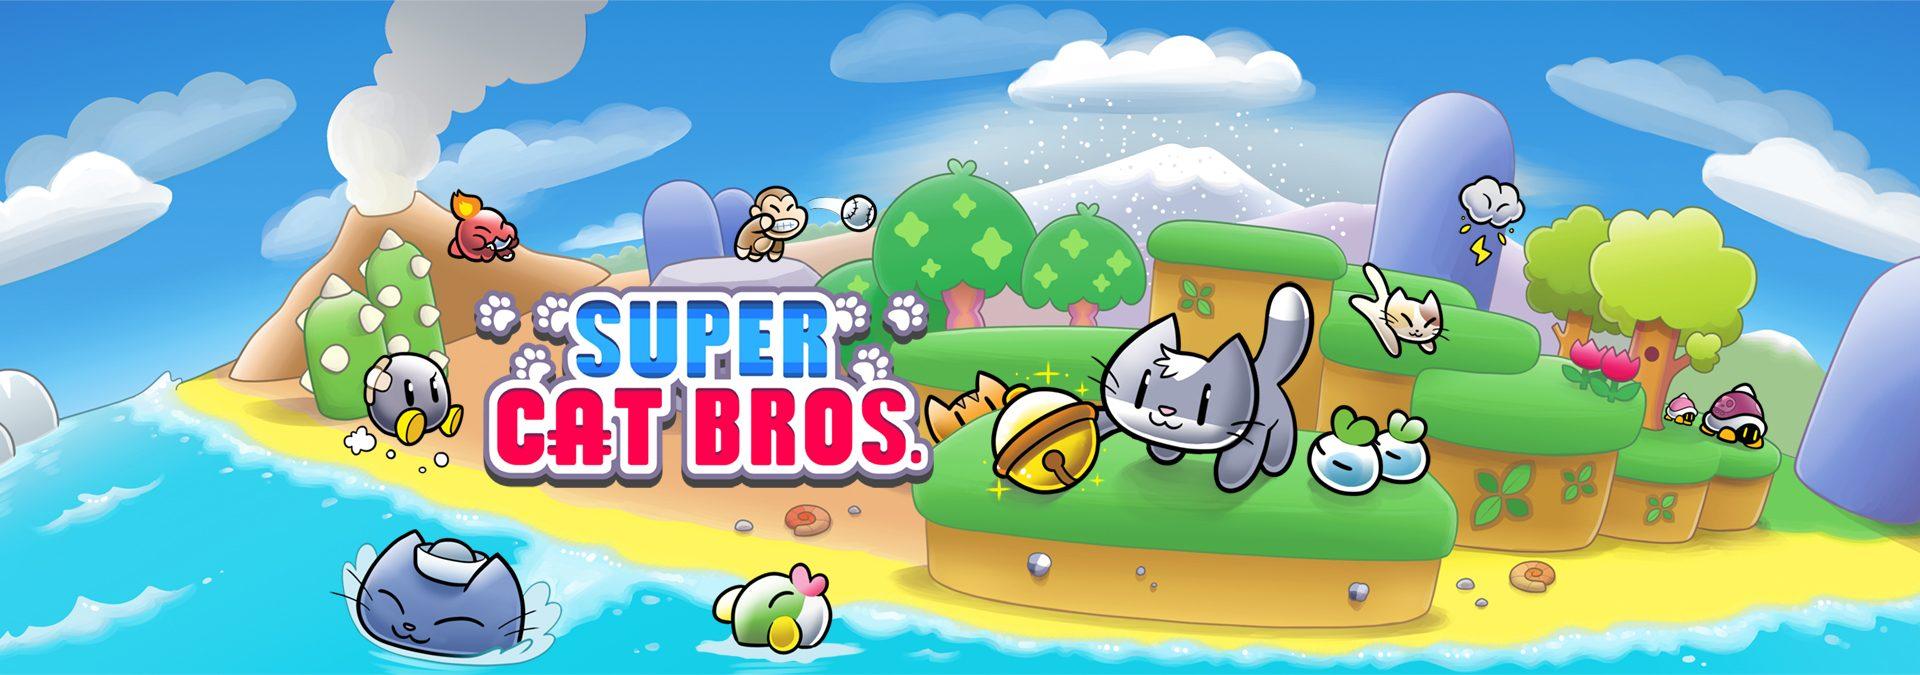 Super Cat Bros